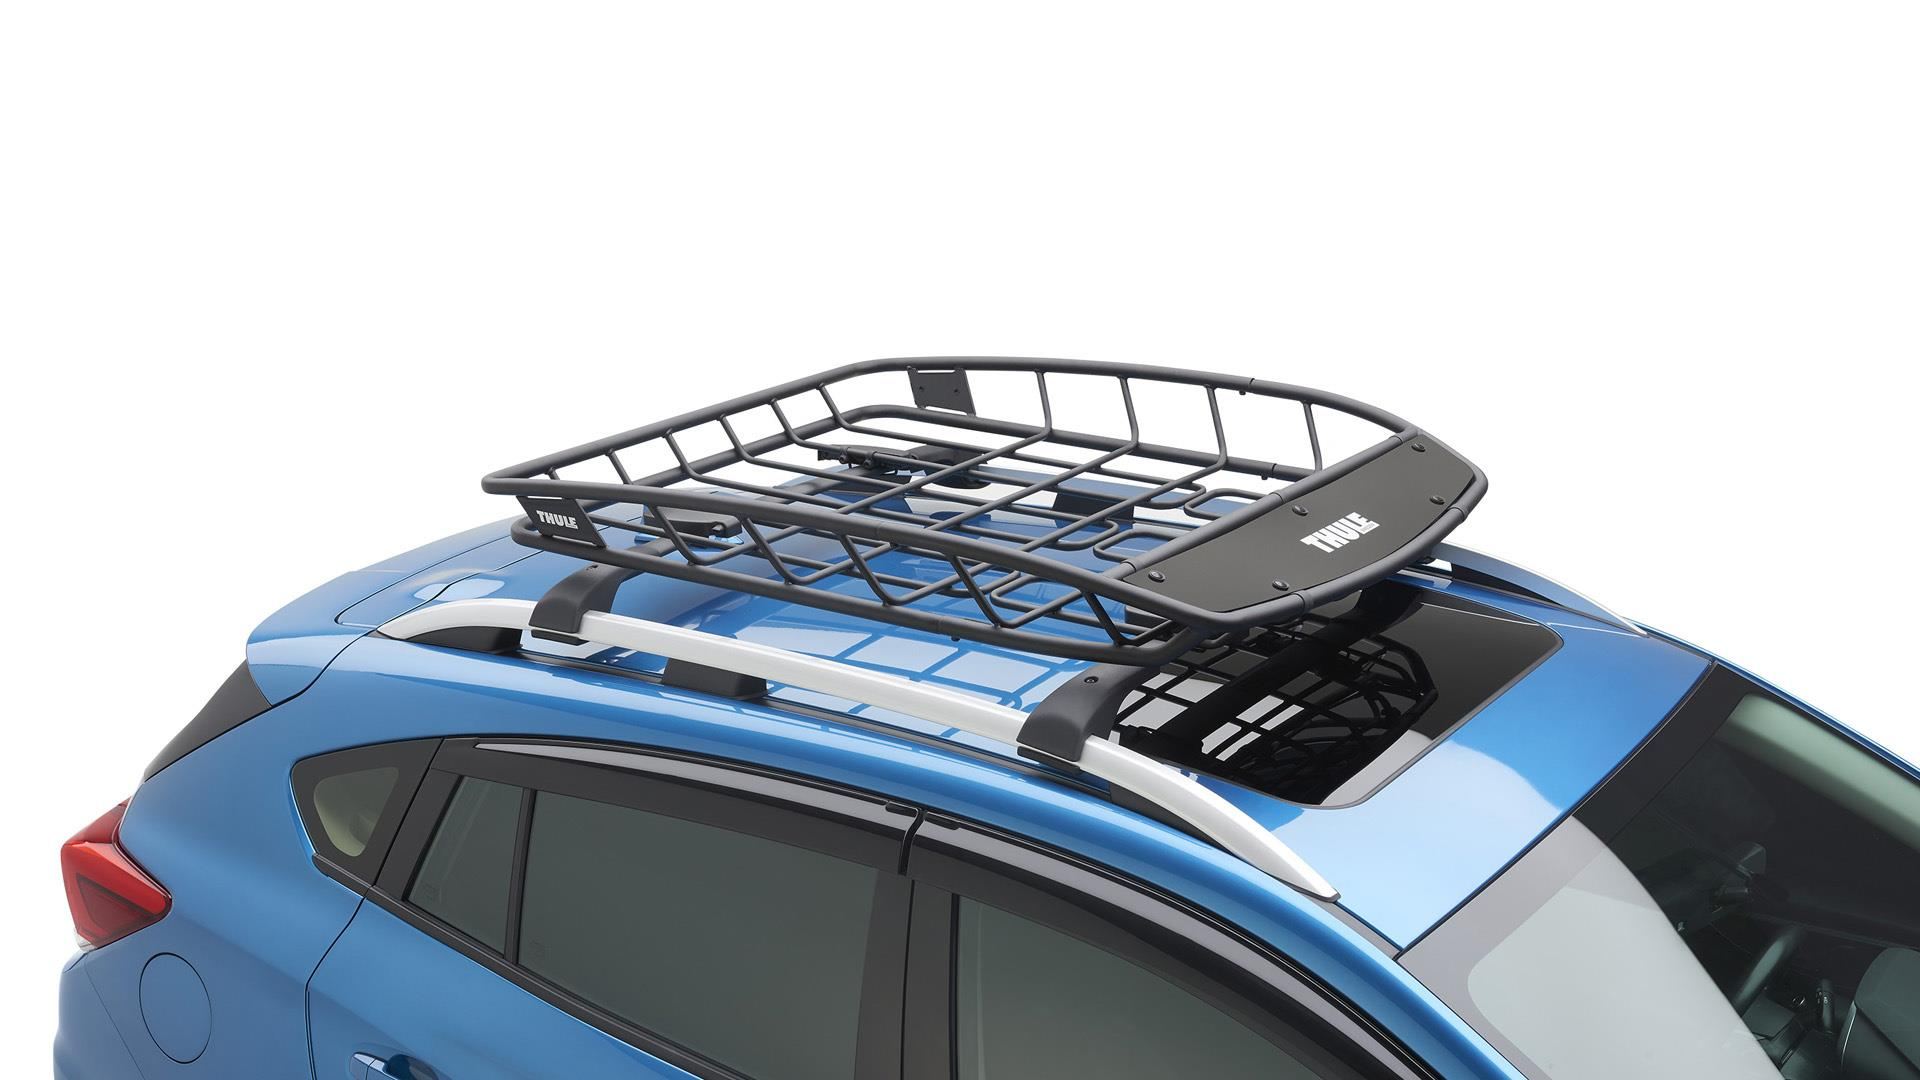 2018 Subaru Outback Thule 174 Heavy Duty Roof Cargo Basket